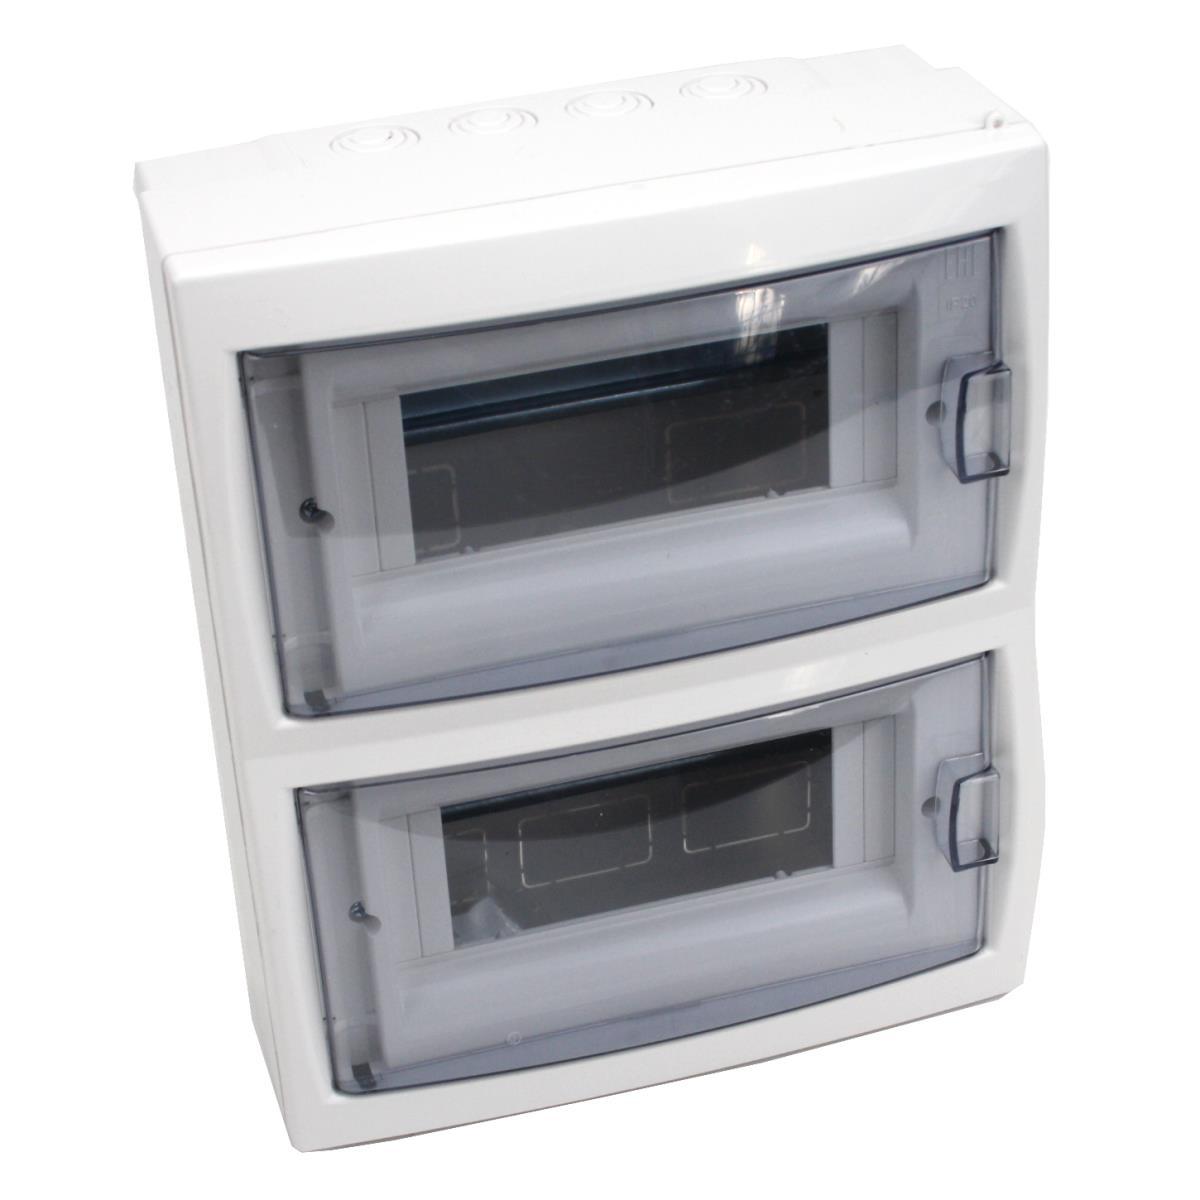 Sicherungskasten 2x8 Module Aufputz Kleinverteiler Wandmontage serie KNO,Bylectrica,KNO-16D, 4810158037492